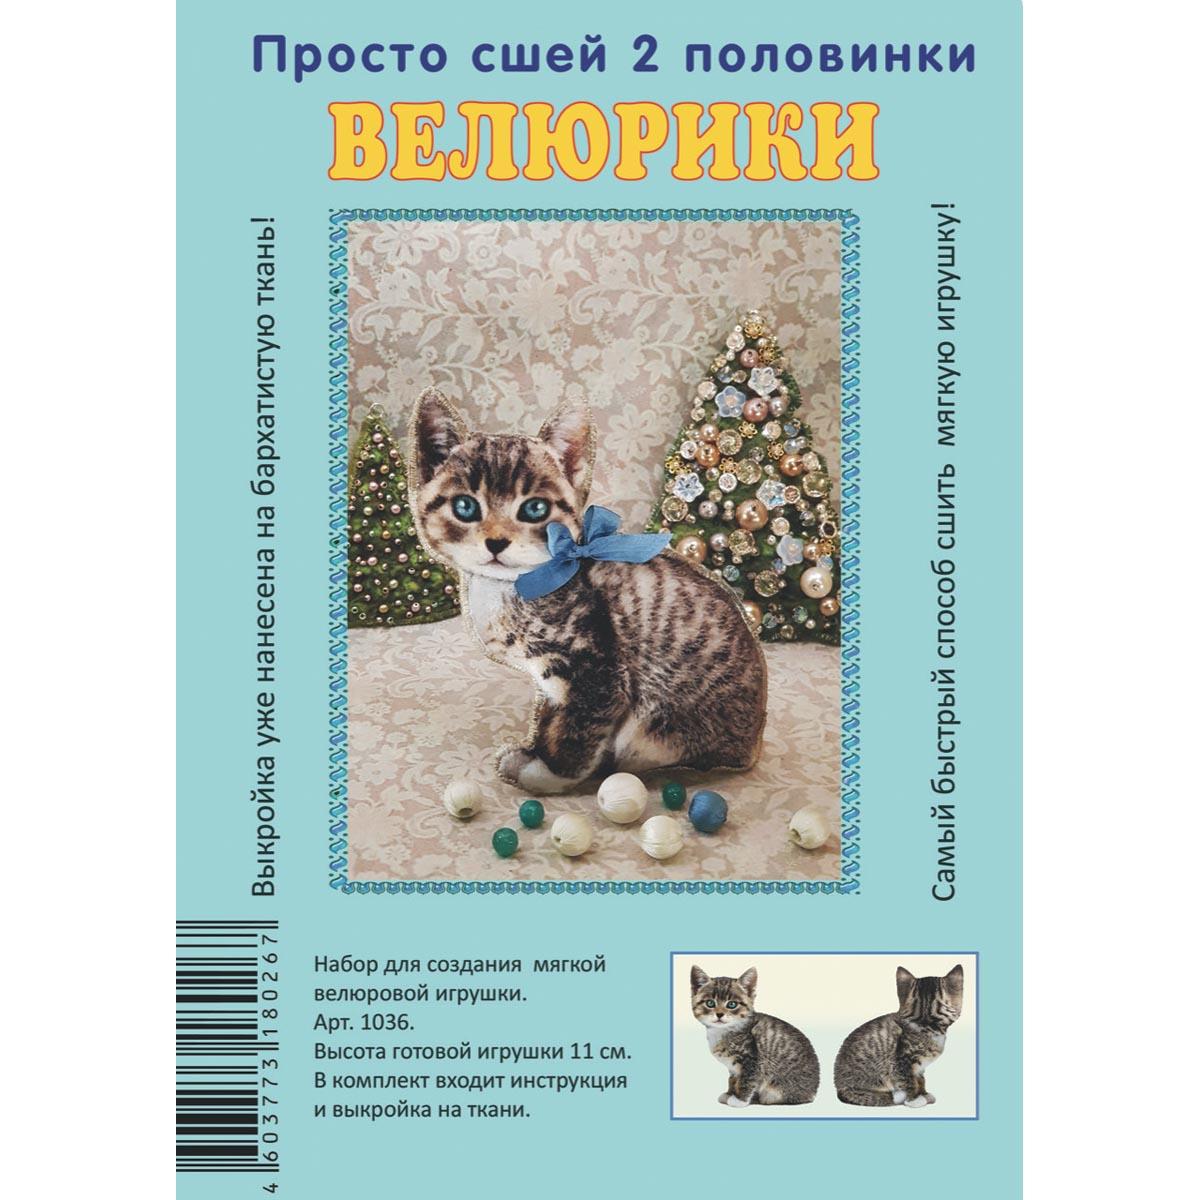 1036 Набор для творчества Велюрики 'Серый котенок'11см